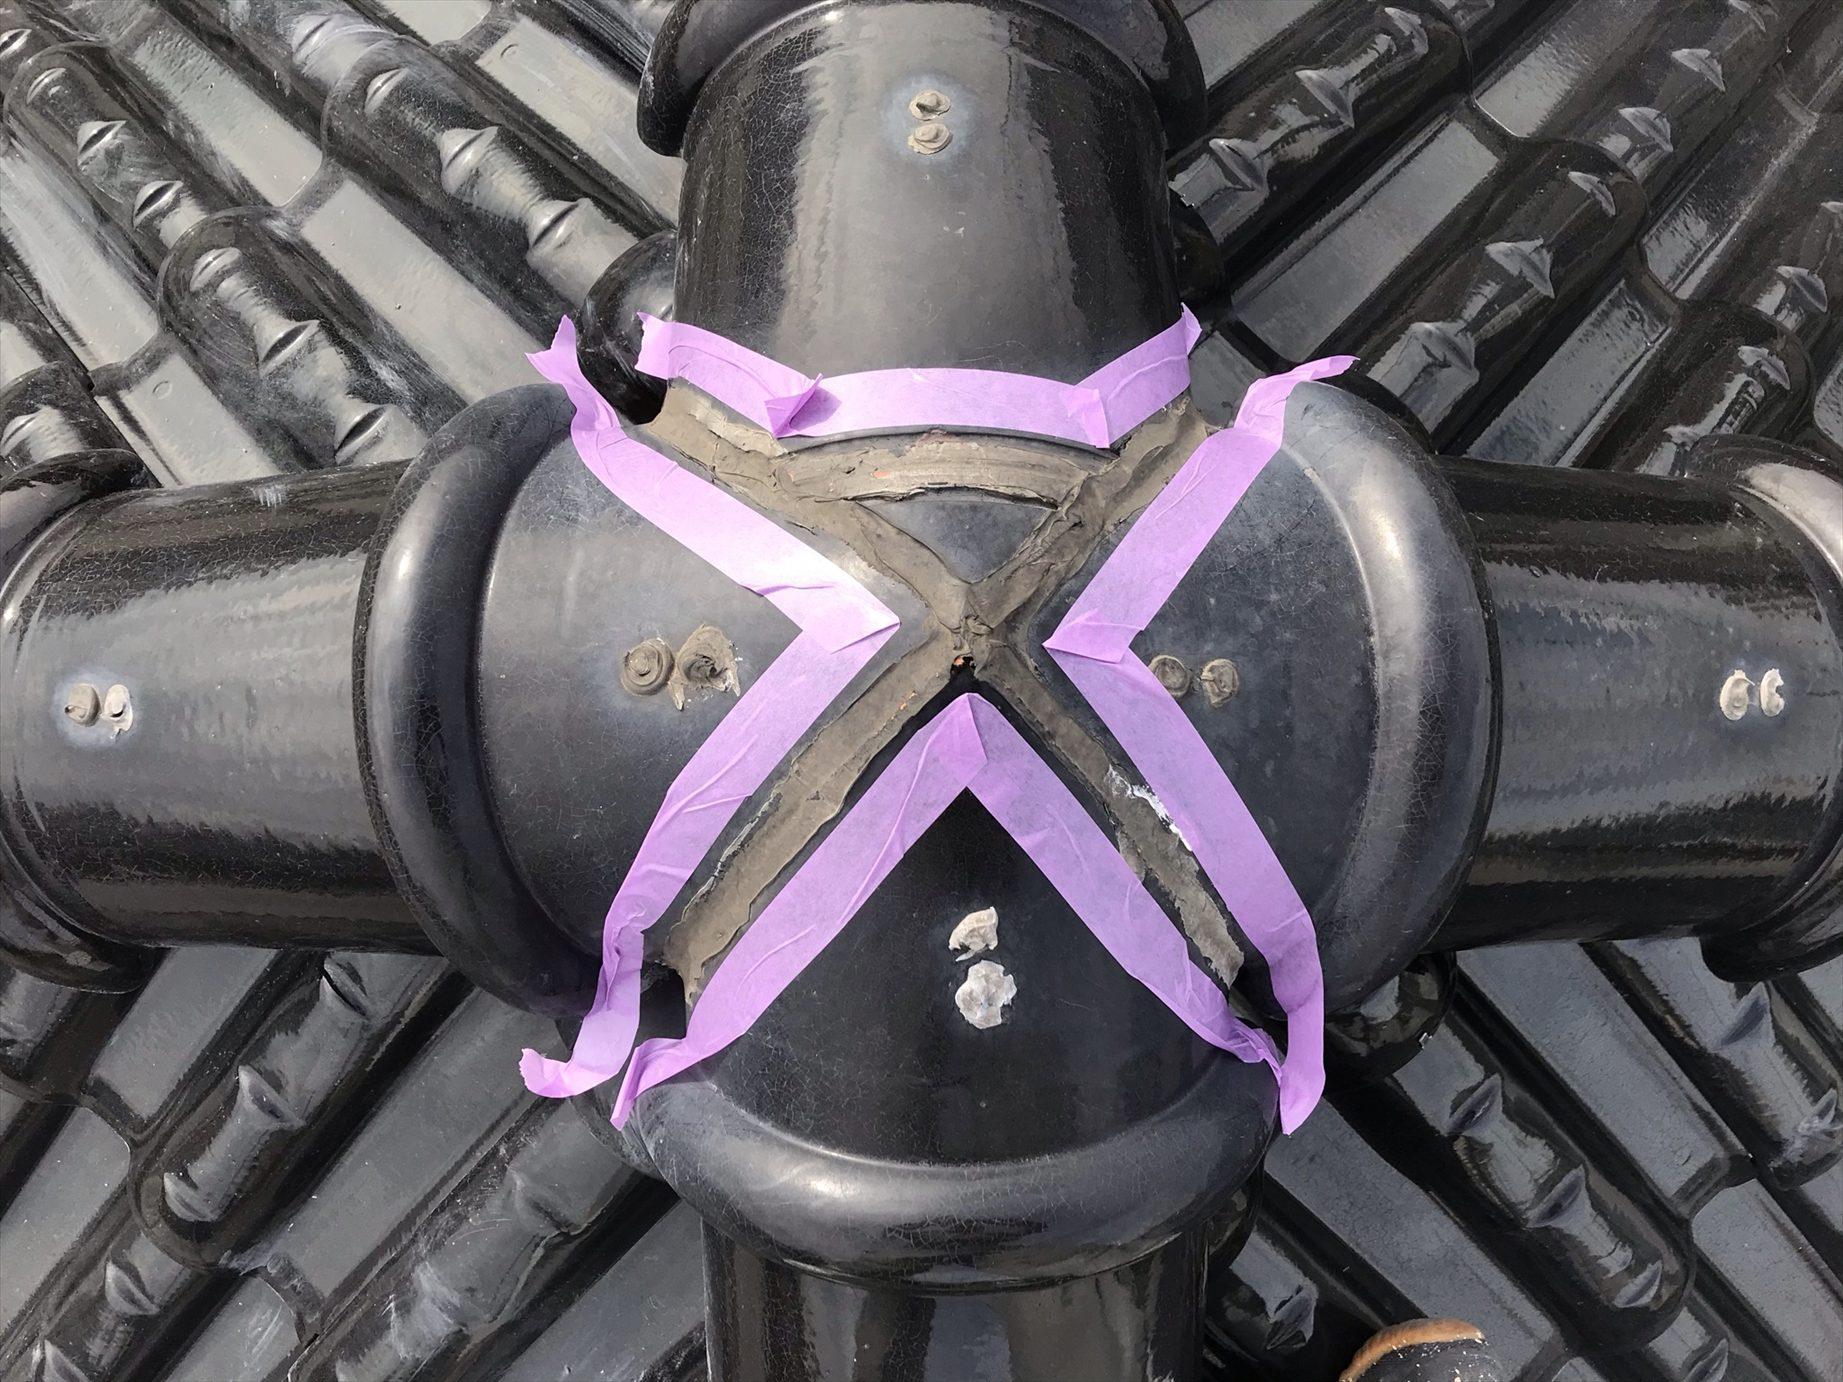 上尾市屋根瓦補修部分に養生のマスキングテープ